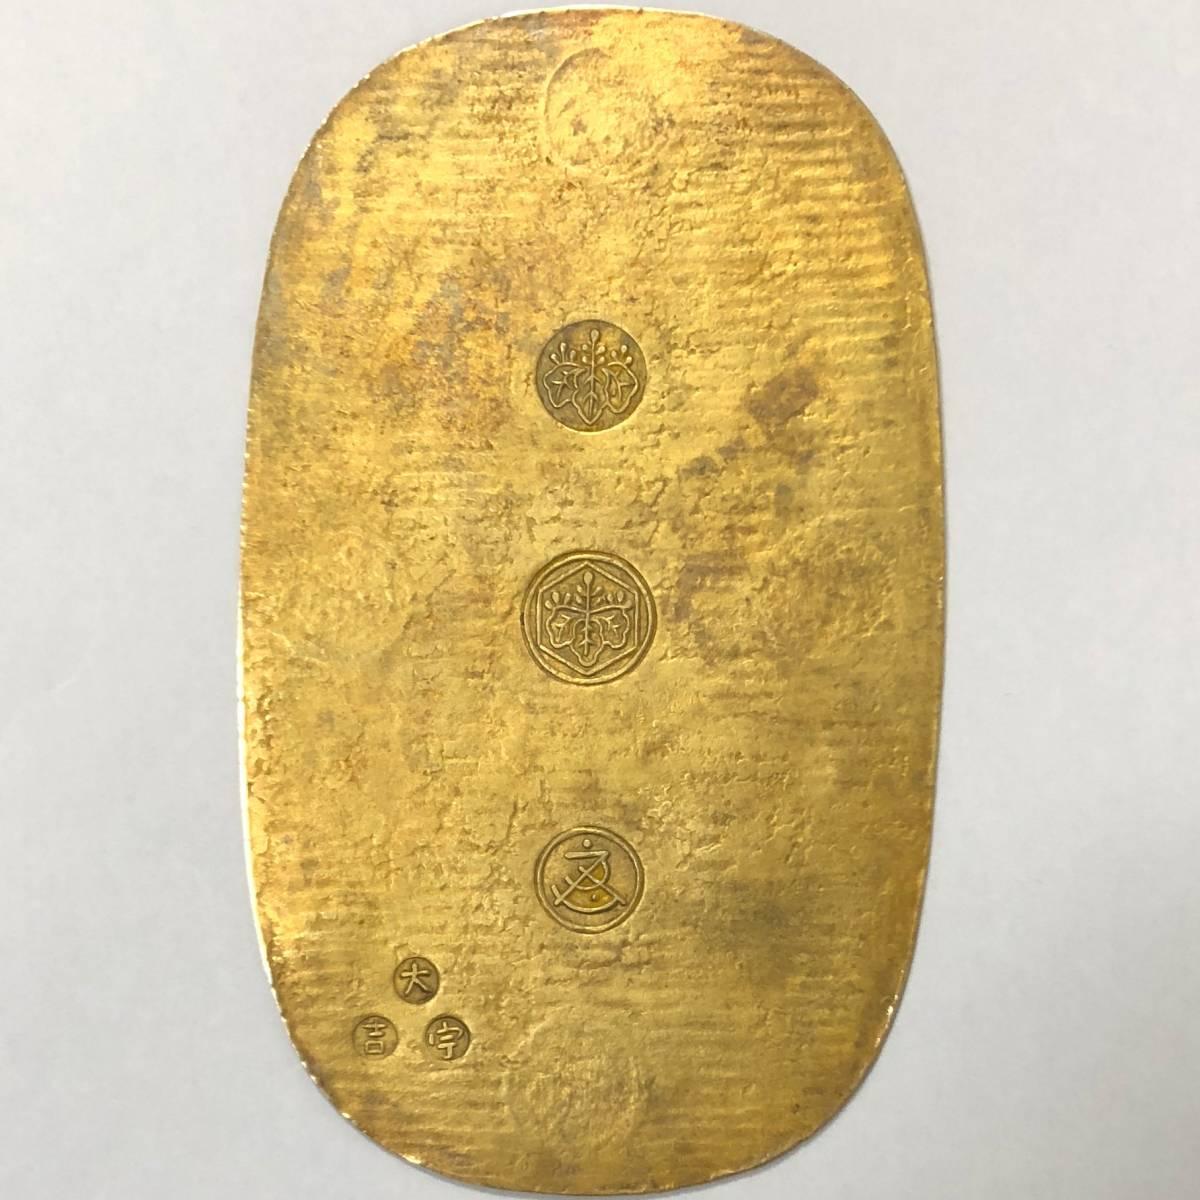 万延大判金 112.626g Gold46.1% 古銭 金貨 骨董 小判_画像2